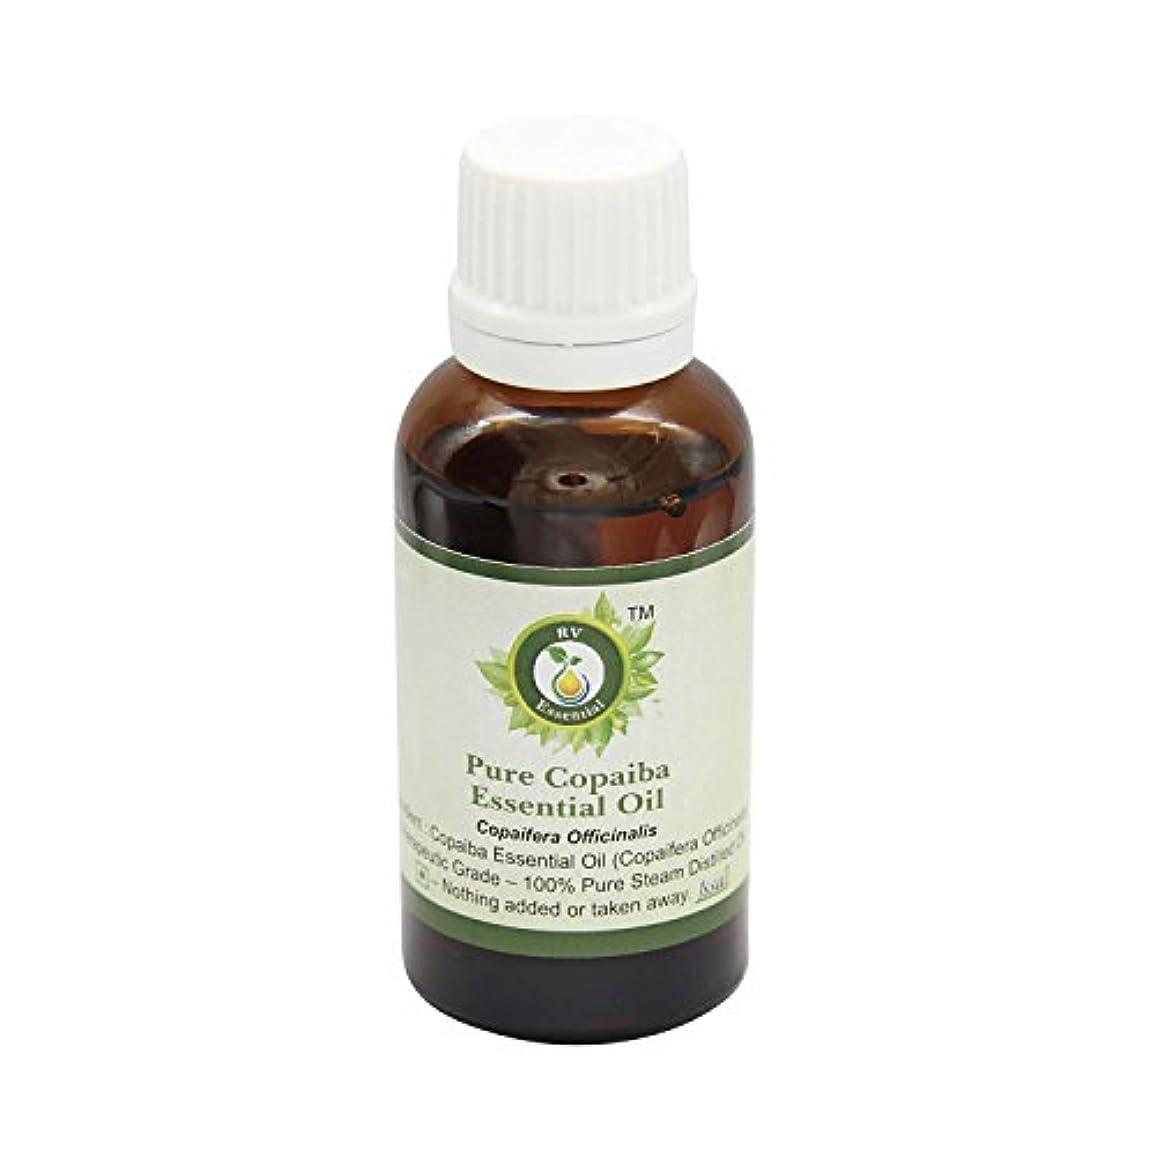 出身地怠けた簡略化するR V Essential ピュアコパイバエッセンシャルオイル15ml (0.507oz)- Copaifera Officinalis (100%純粋&天然スチームDistilled) Pure Copaiba Essential...